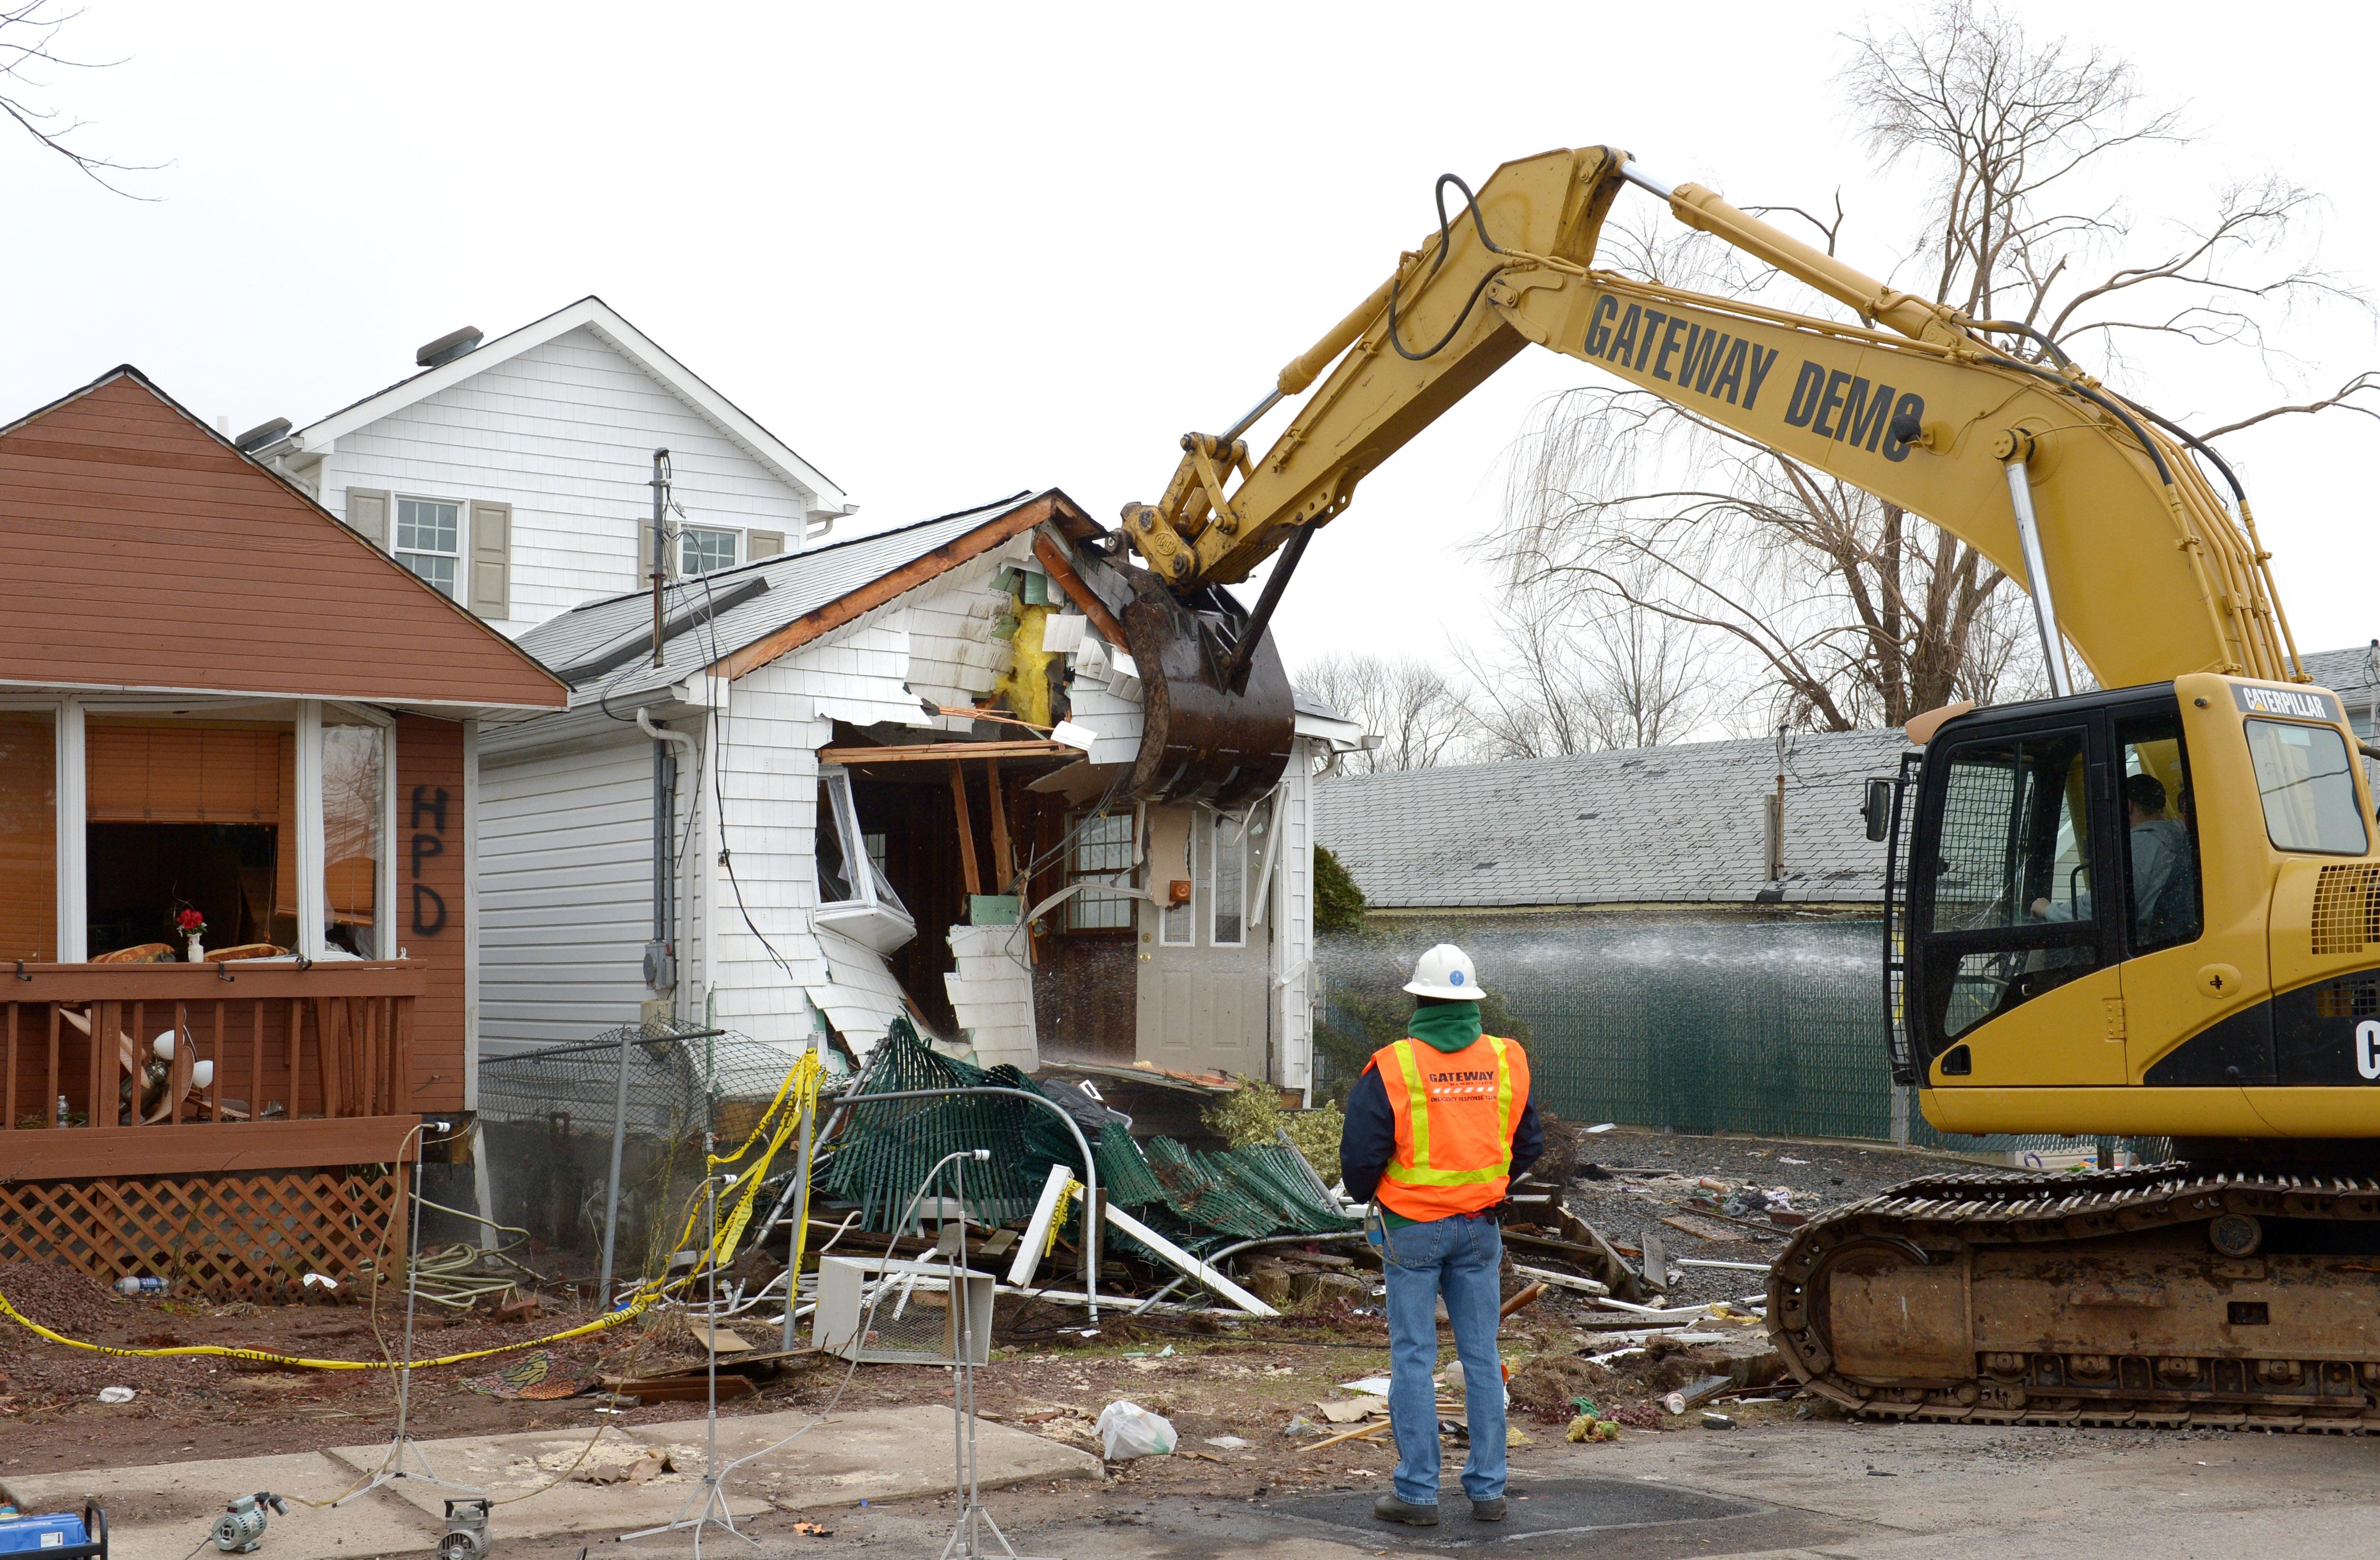 house demolition clipart - photo #43